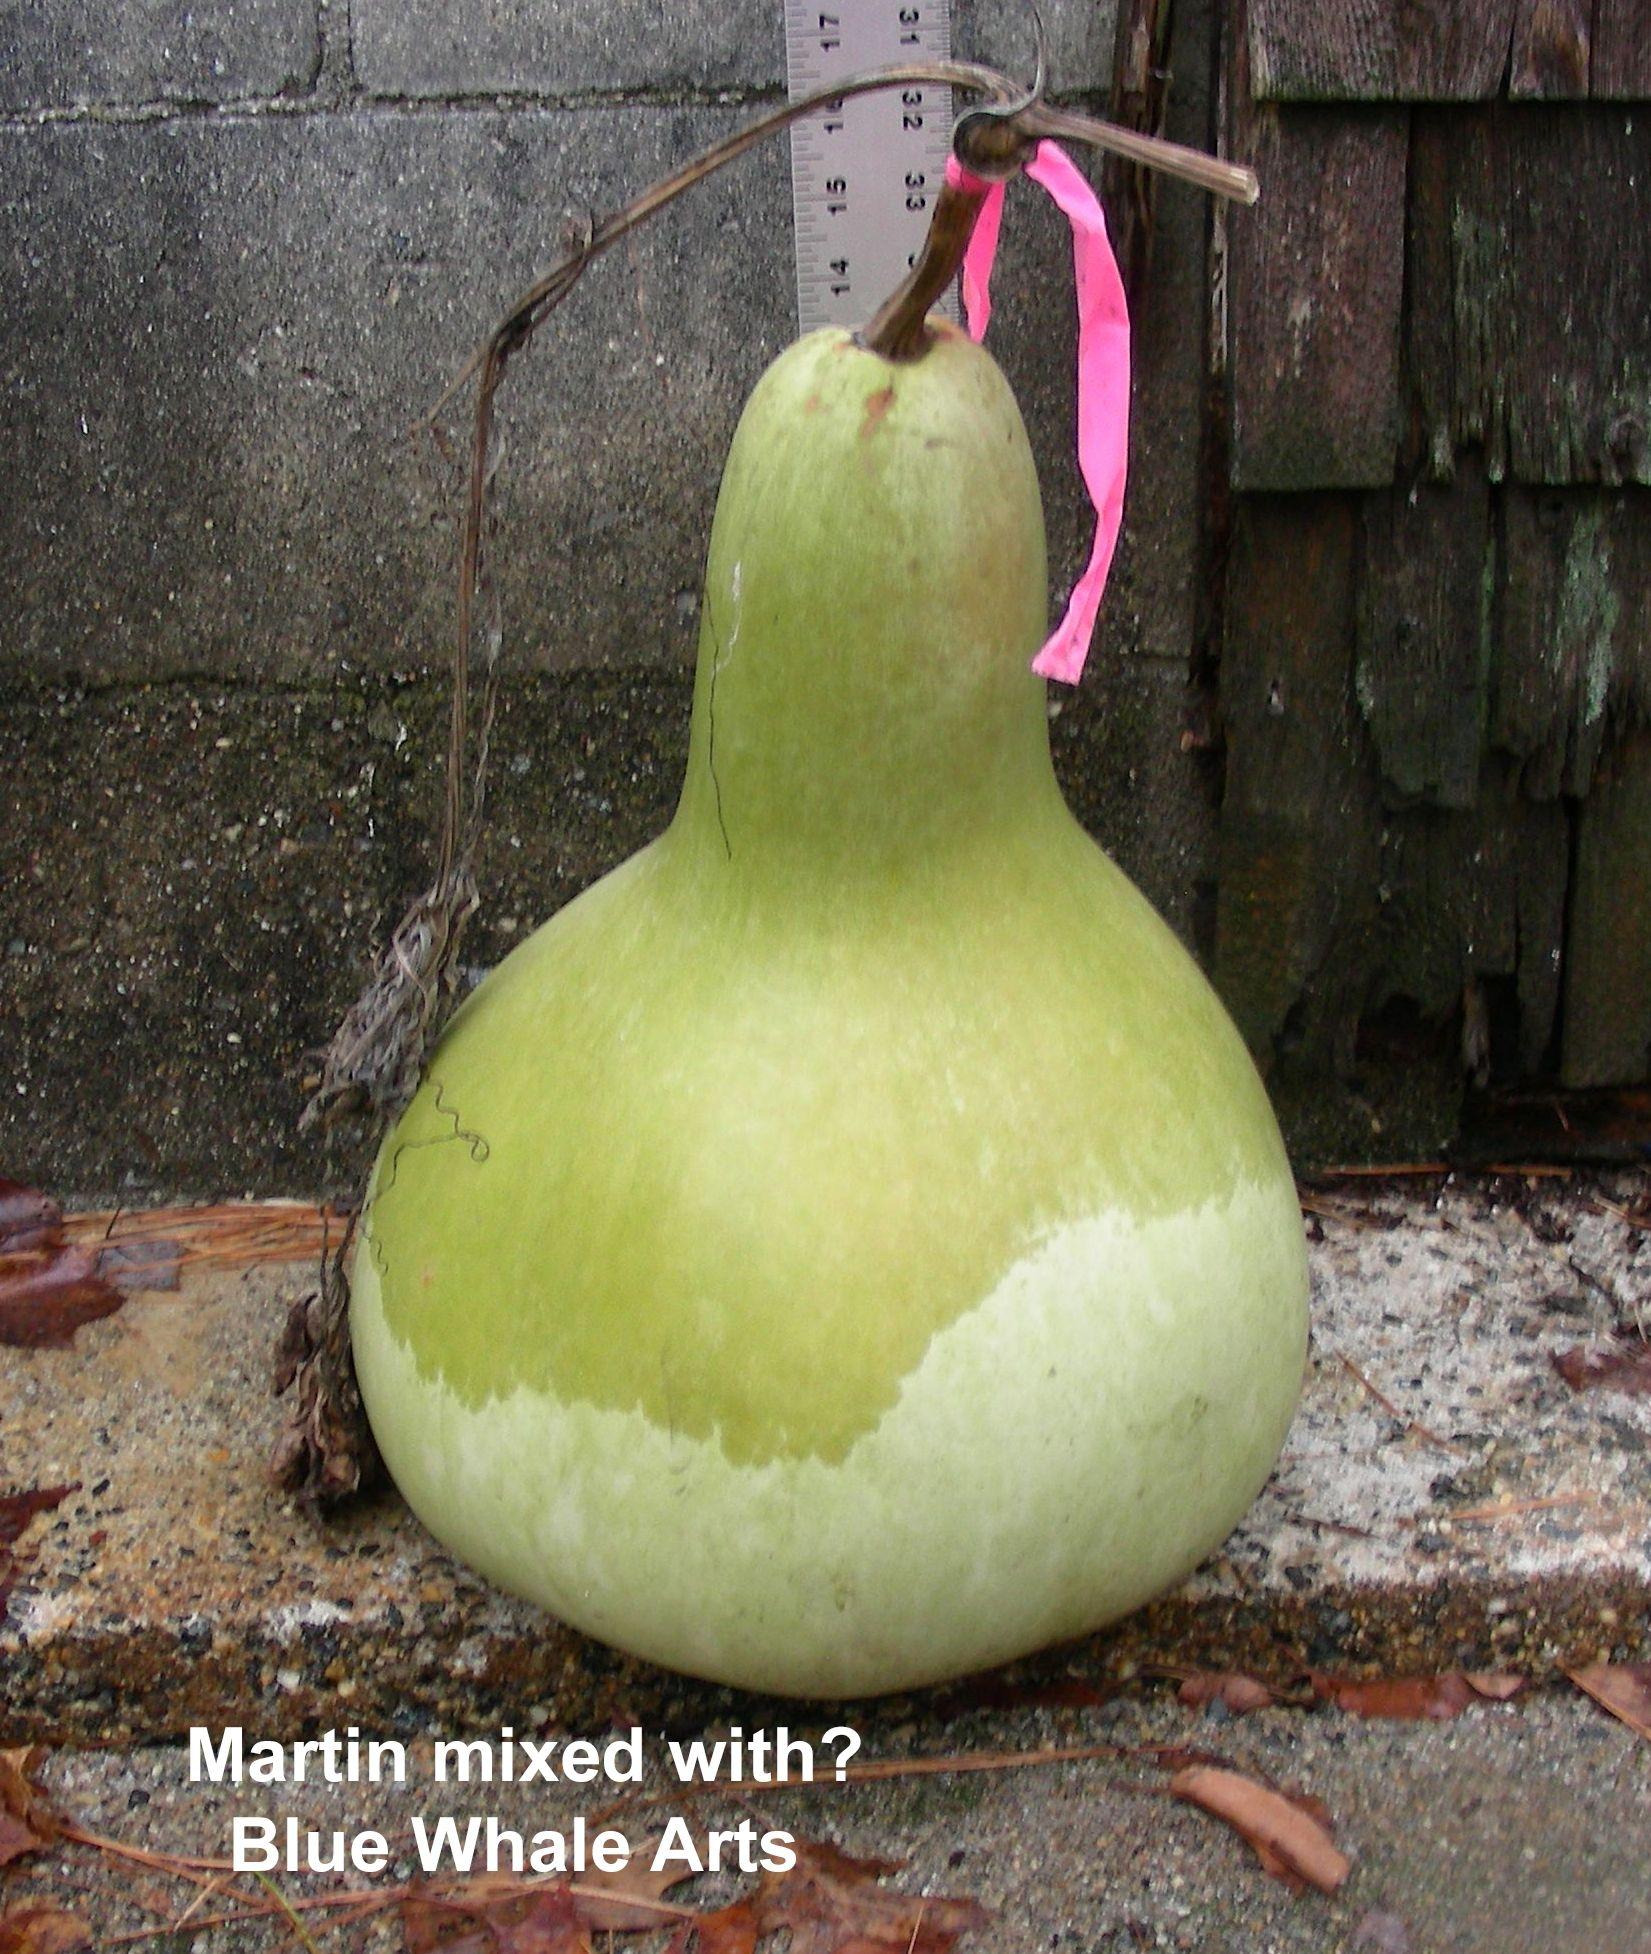 Martin Gourd Seeds